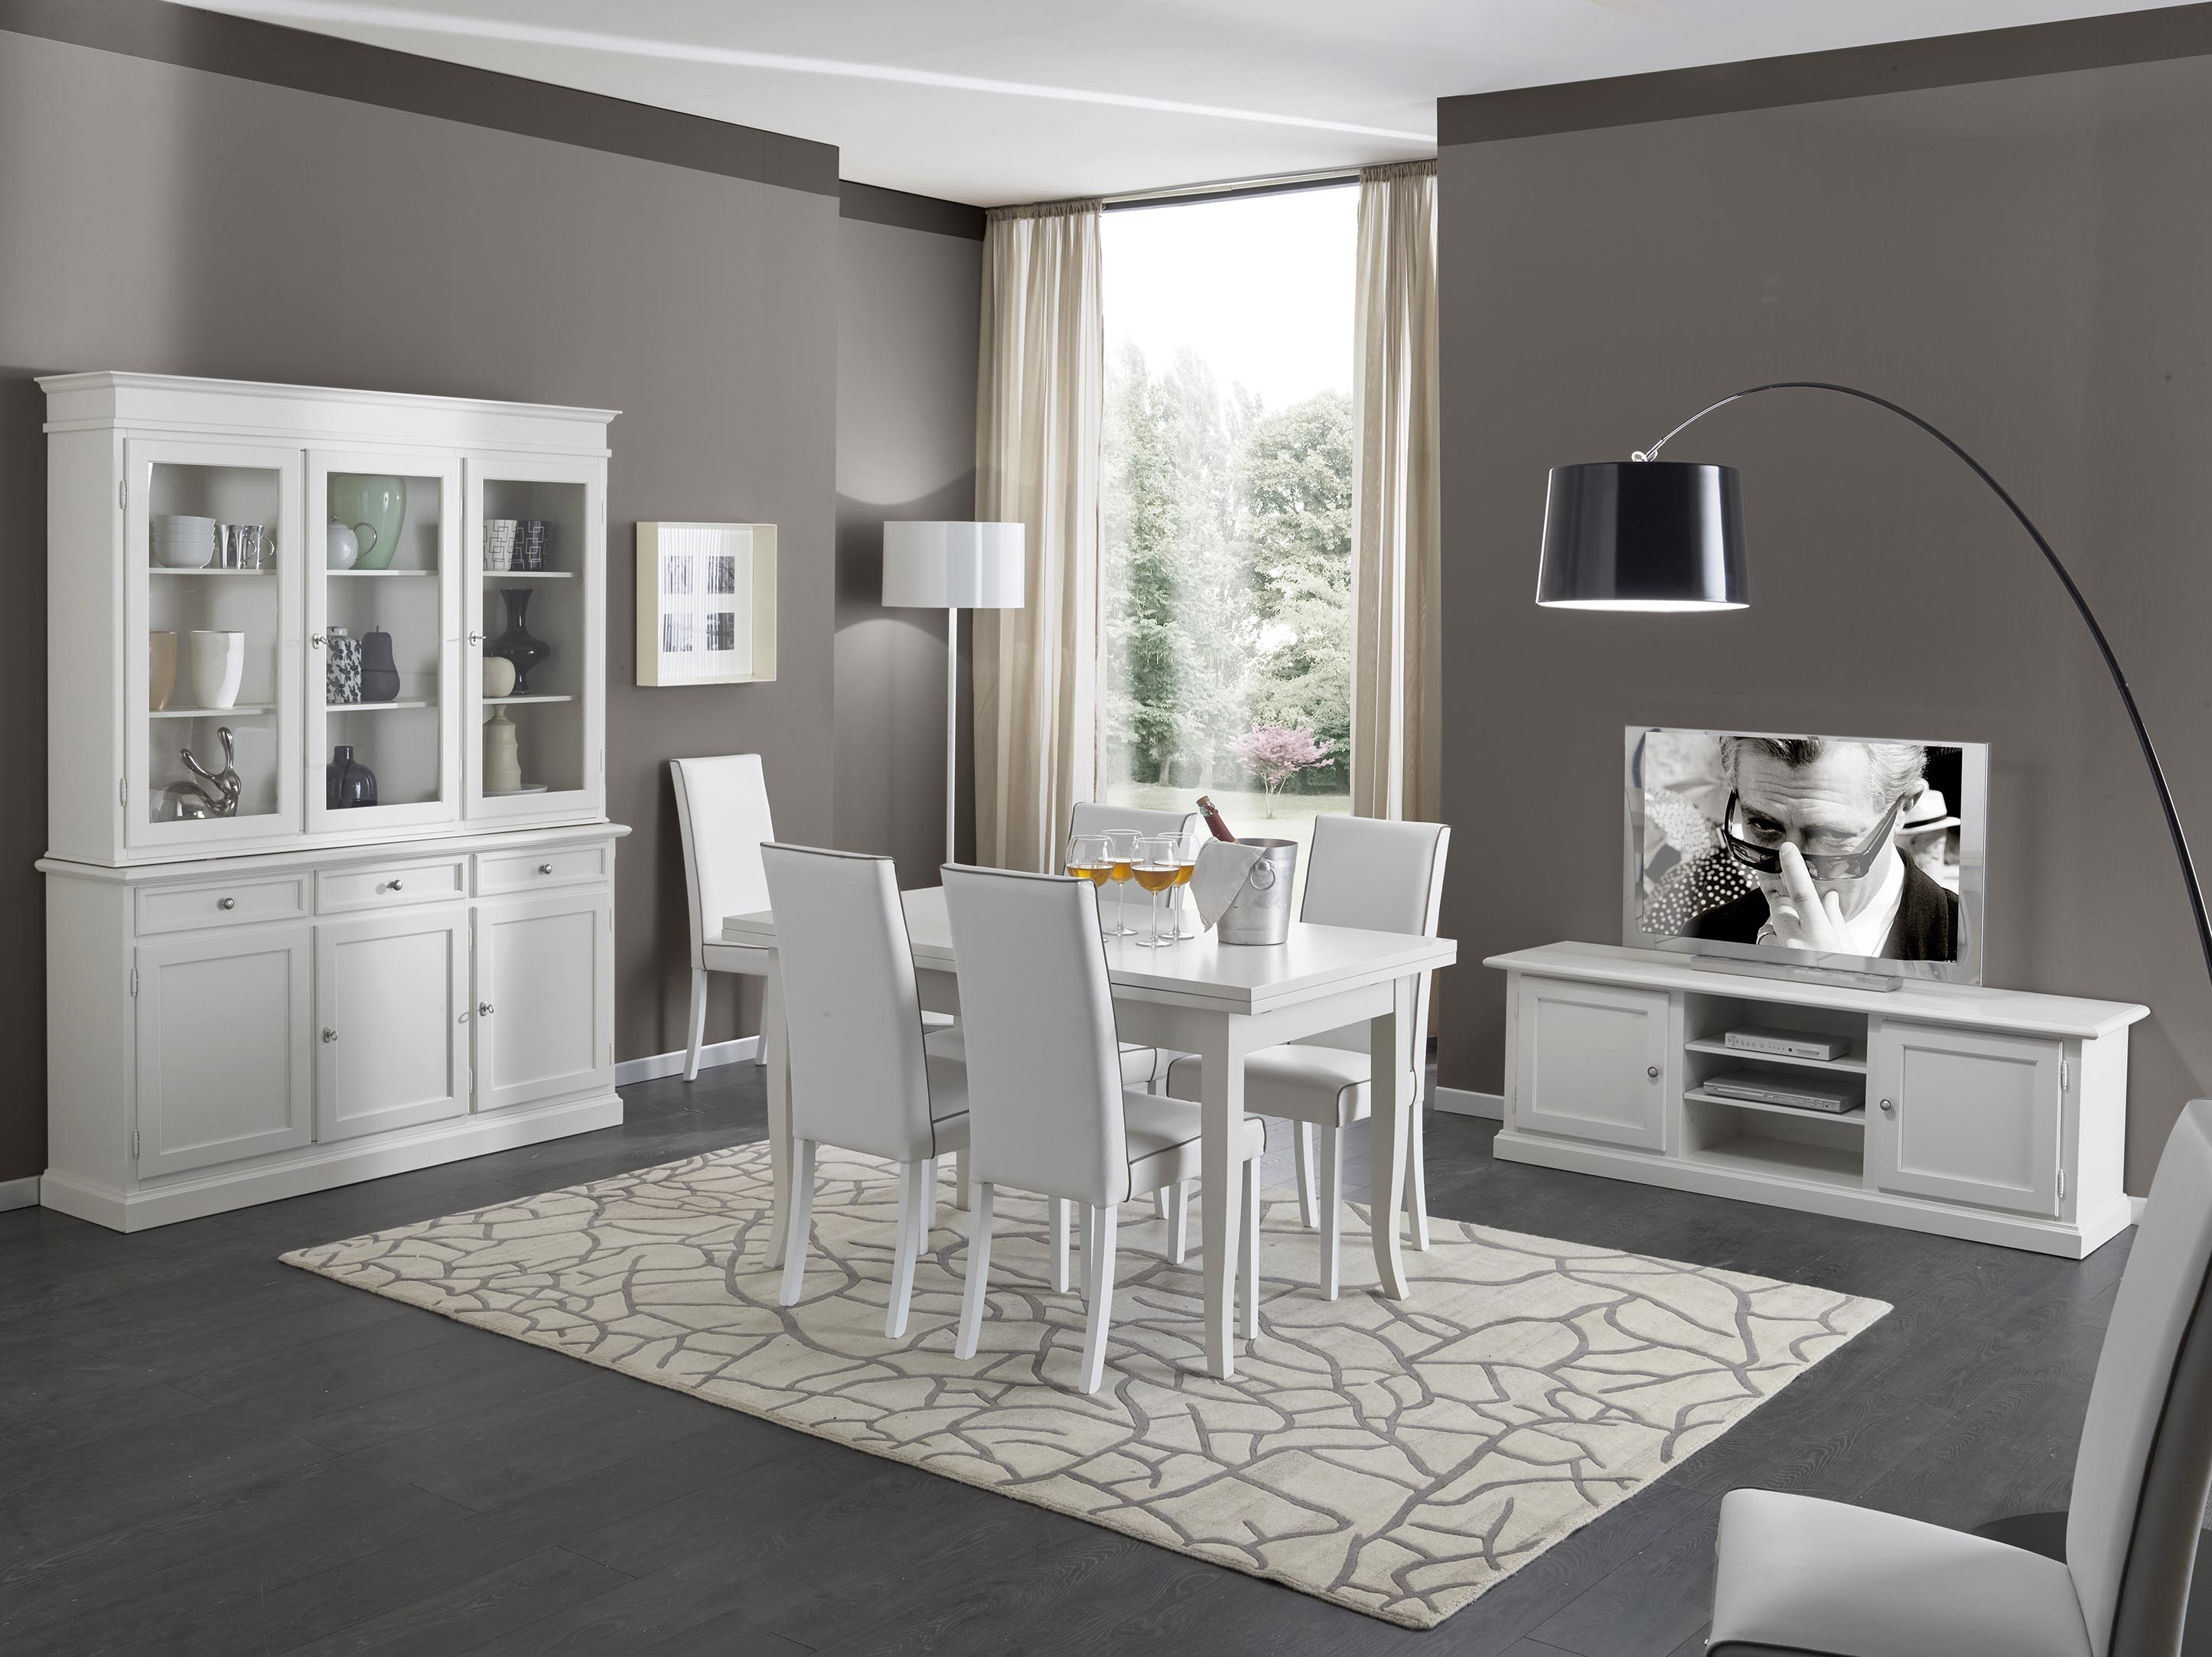 Soggiorno in legno bianco con tavolo sedie mobile tv e for Soggiorno shabby